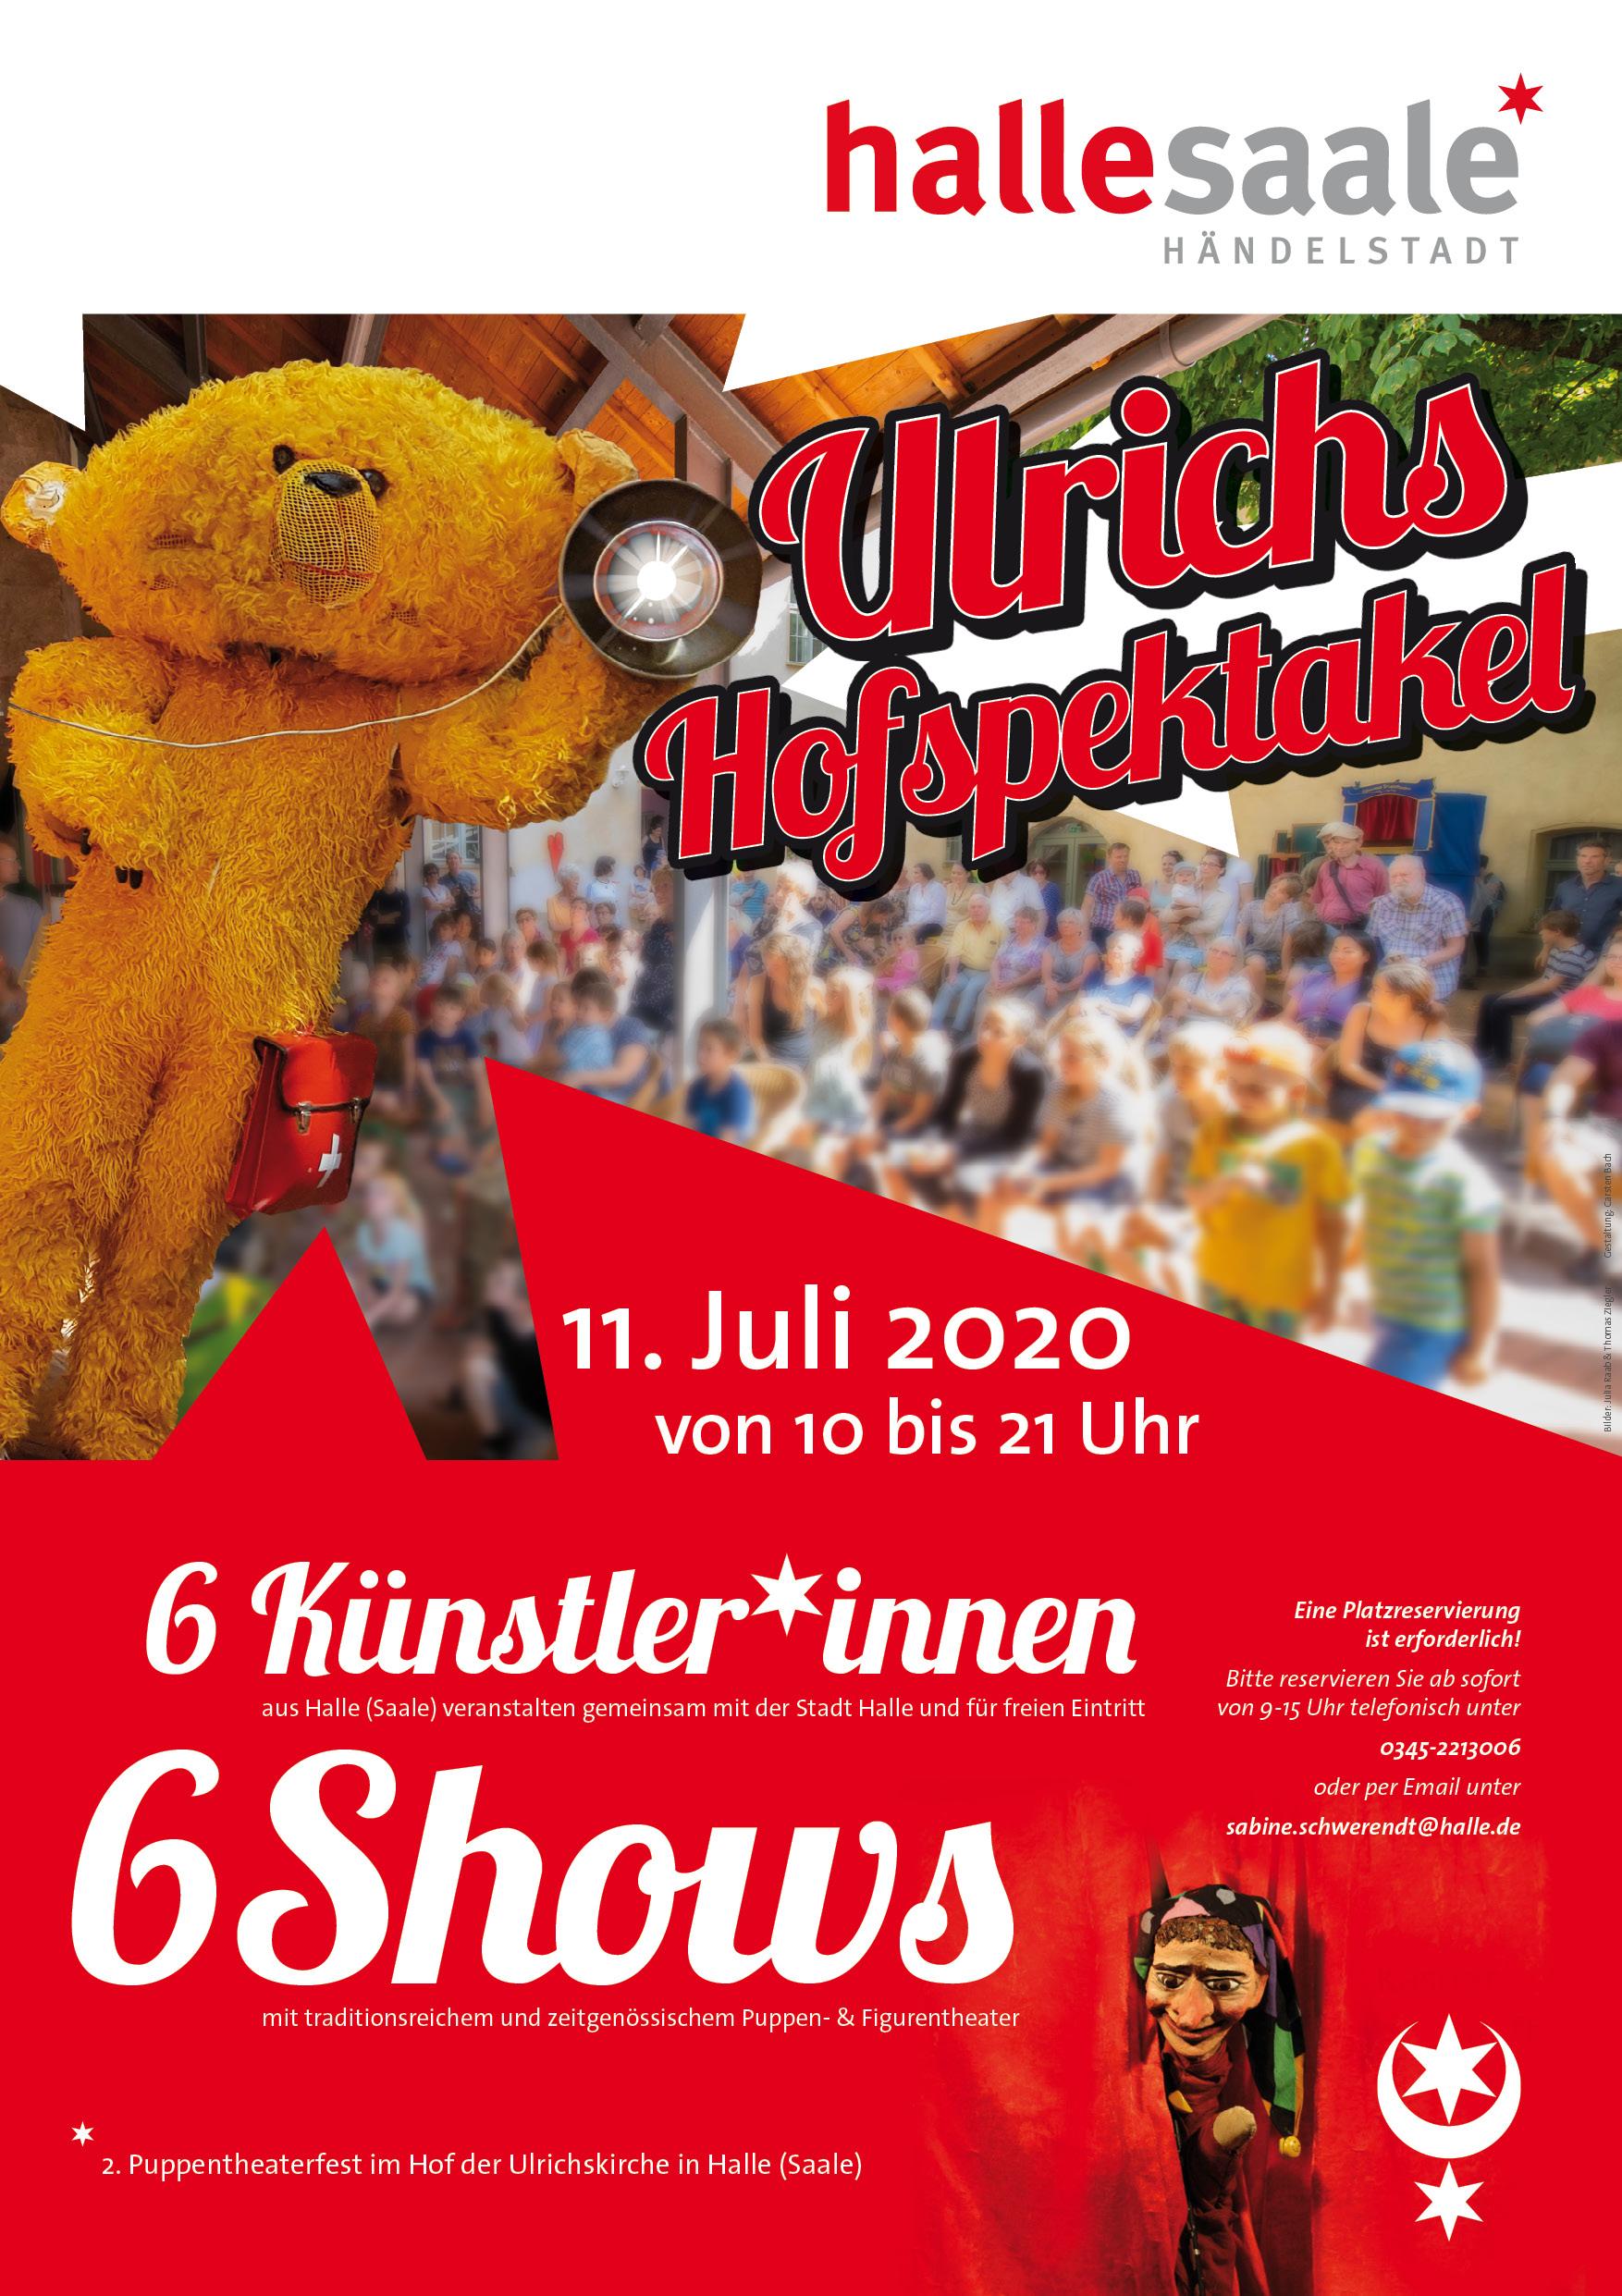 Plakat des zweiten Puppentheaterfest Halle 'Ulrichs Hofspektakel', Gestaltung: Mediengestalter Carsten Bach